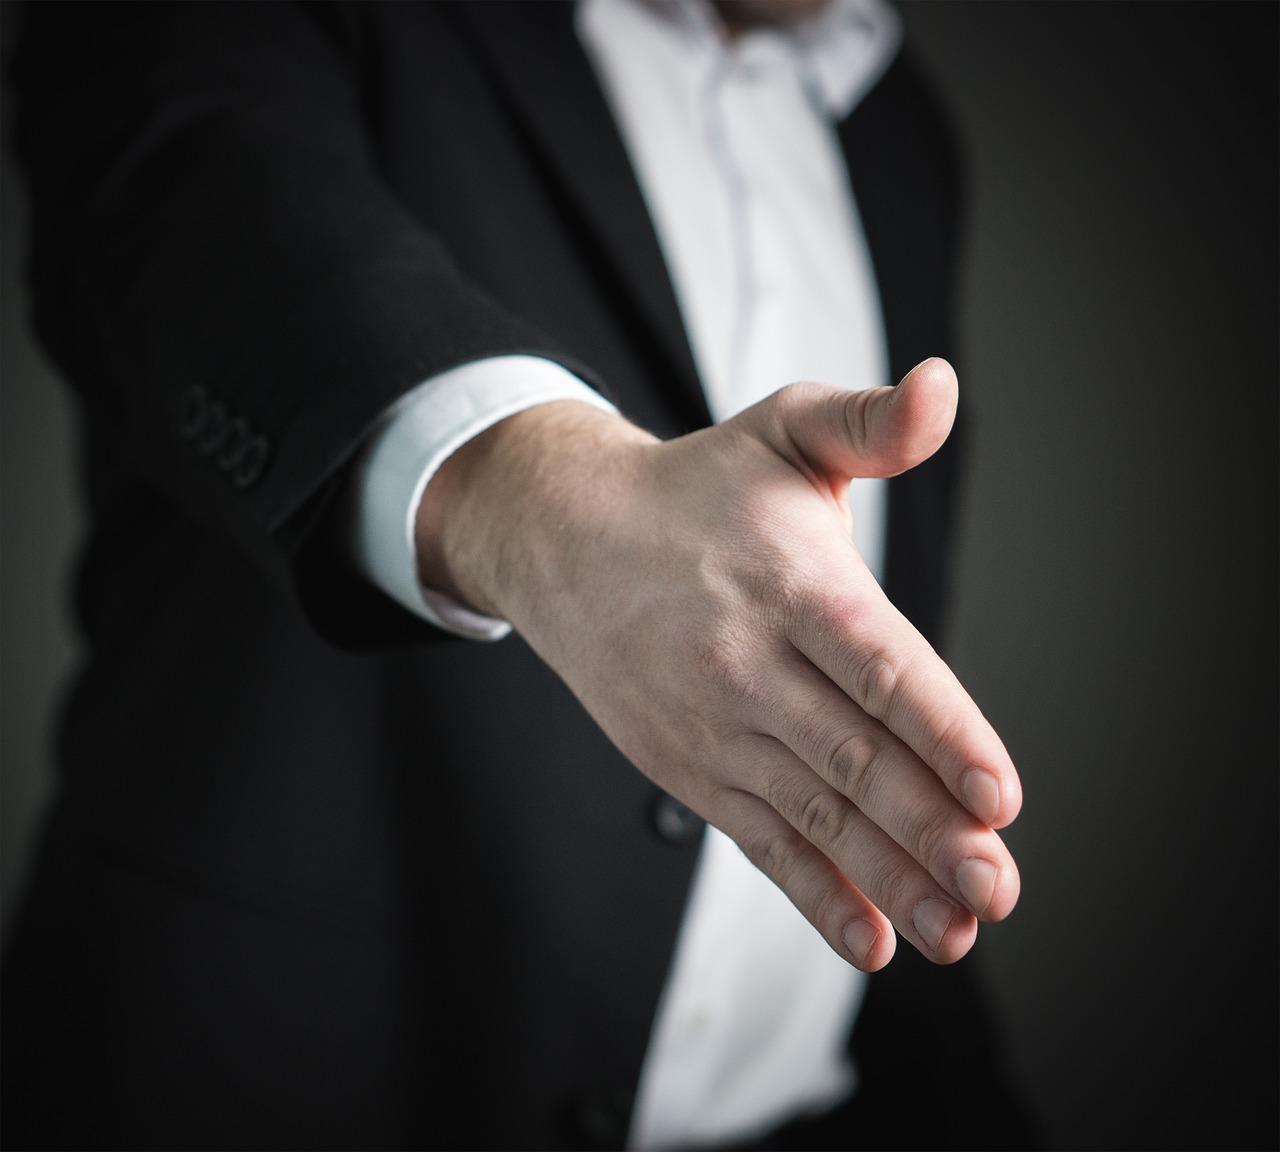 Les obligations qui incombent à un professionnel lors d'une vente immobilière